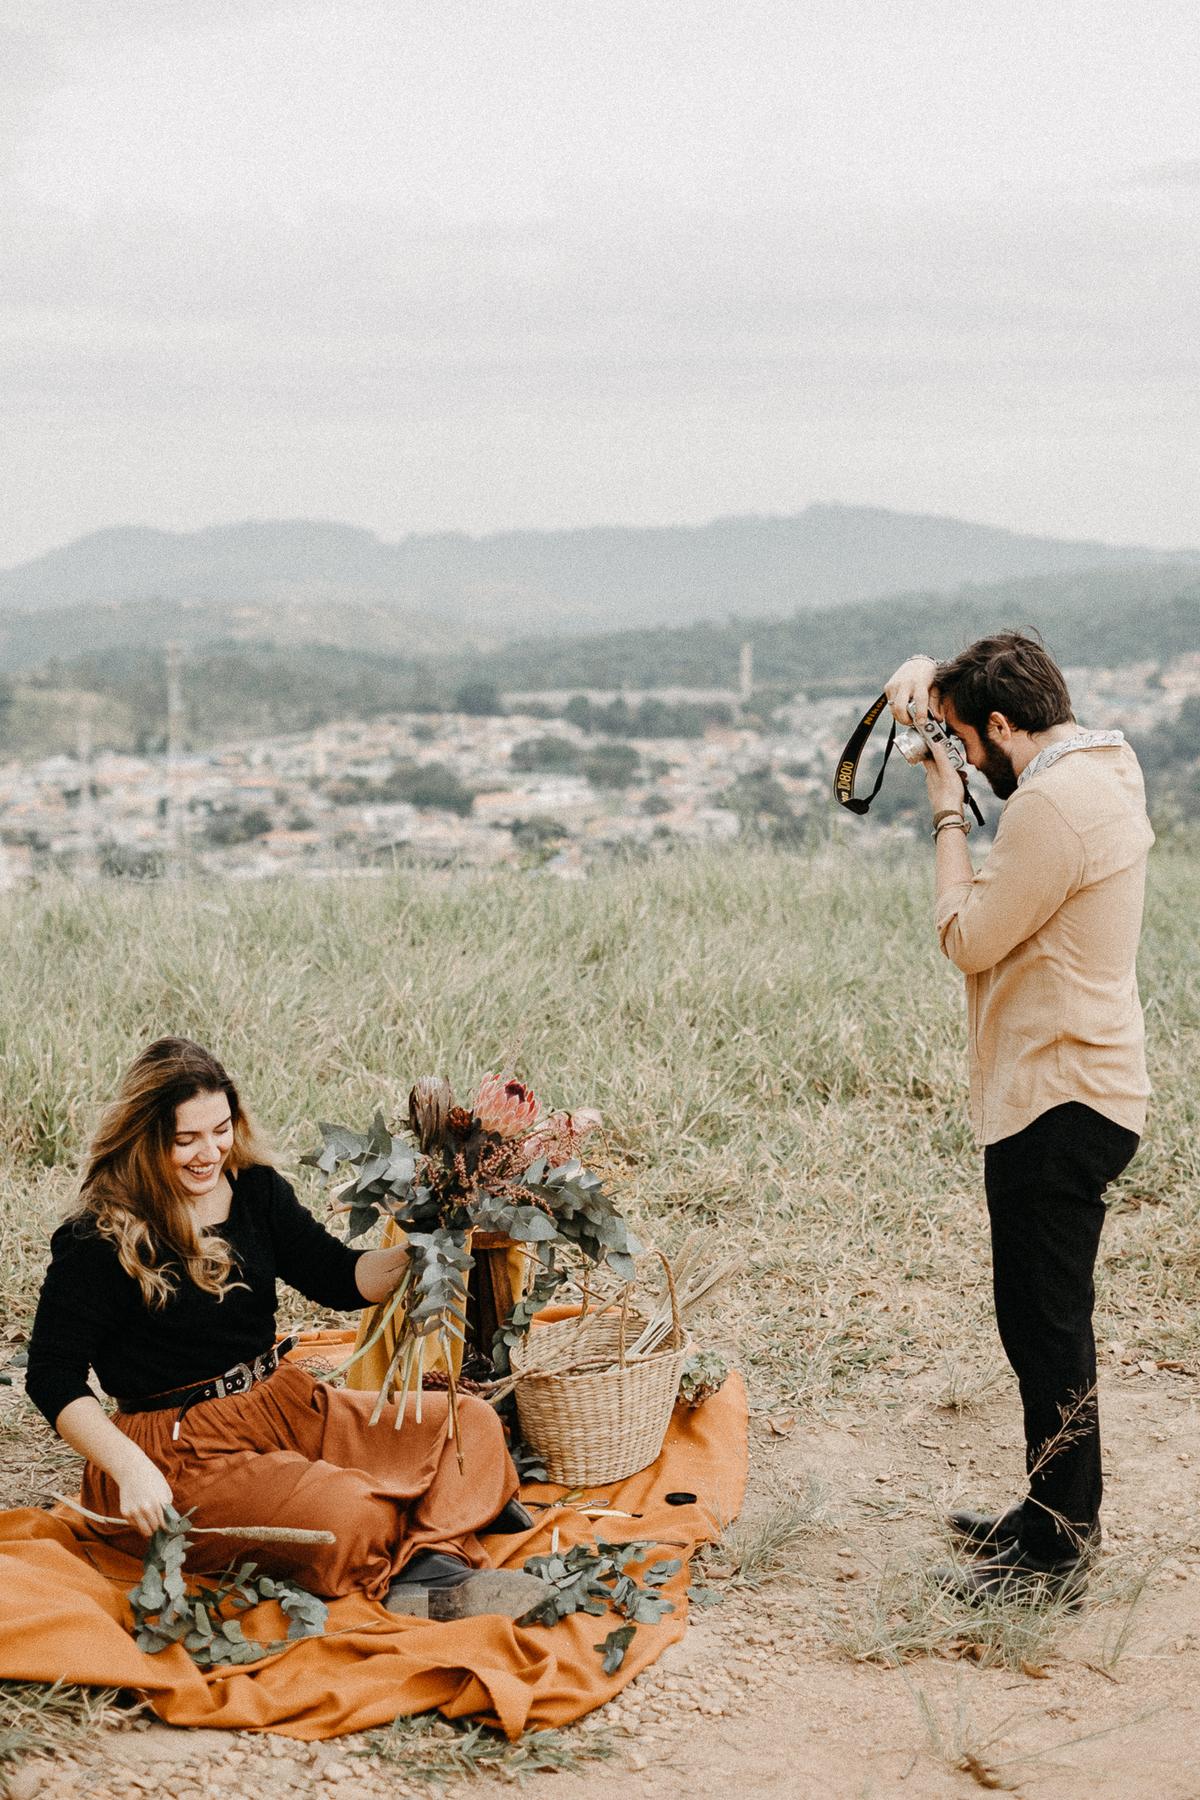 ensaio casal casamentos de dia elopment wedding noiva florista buque de noiva casal artista ensaios minimalistas fotografia por caio henrique morro do capuava